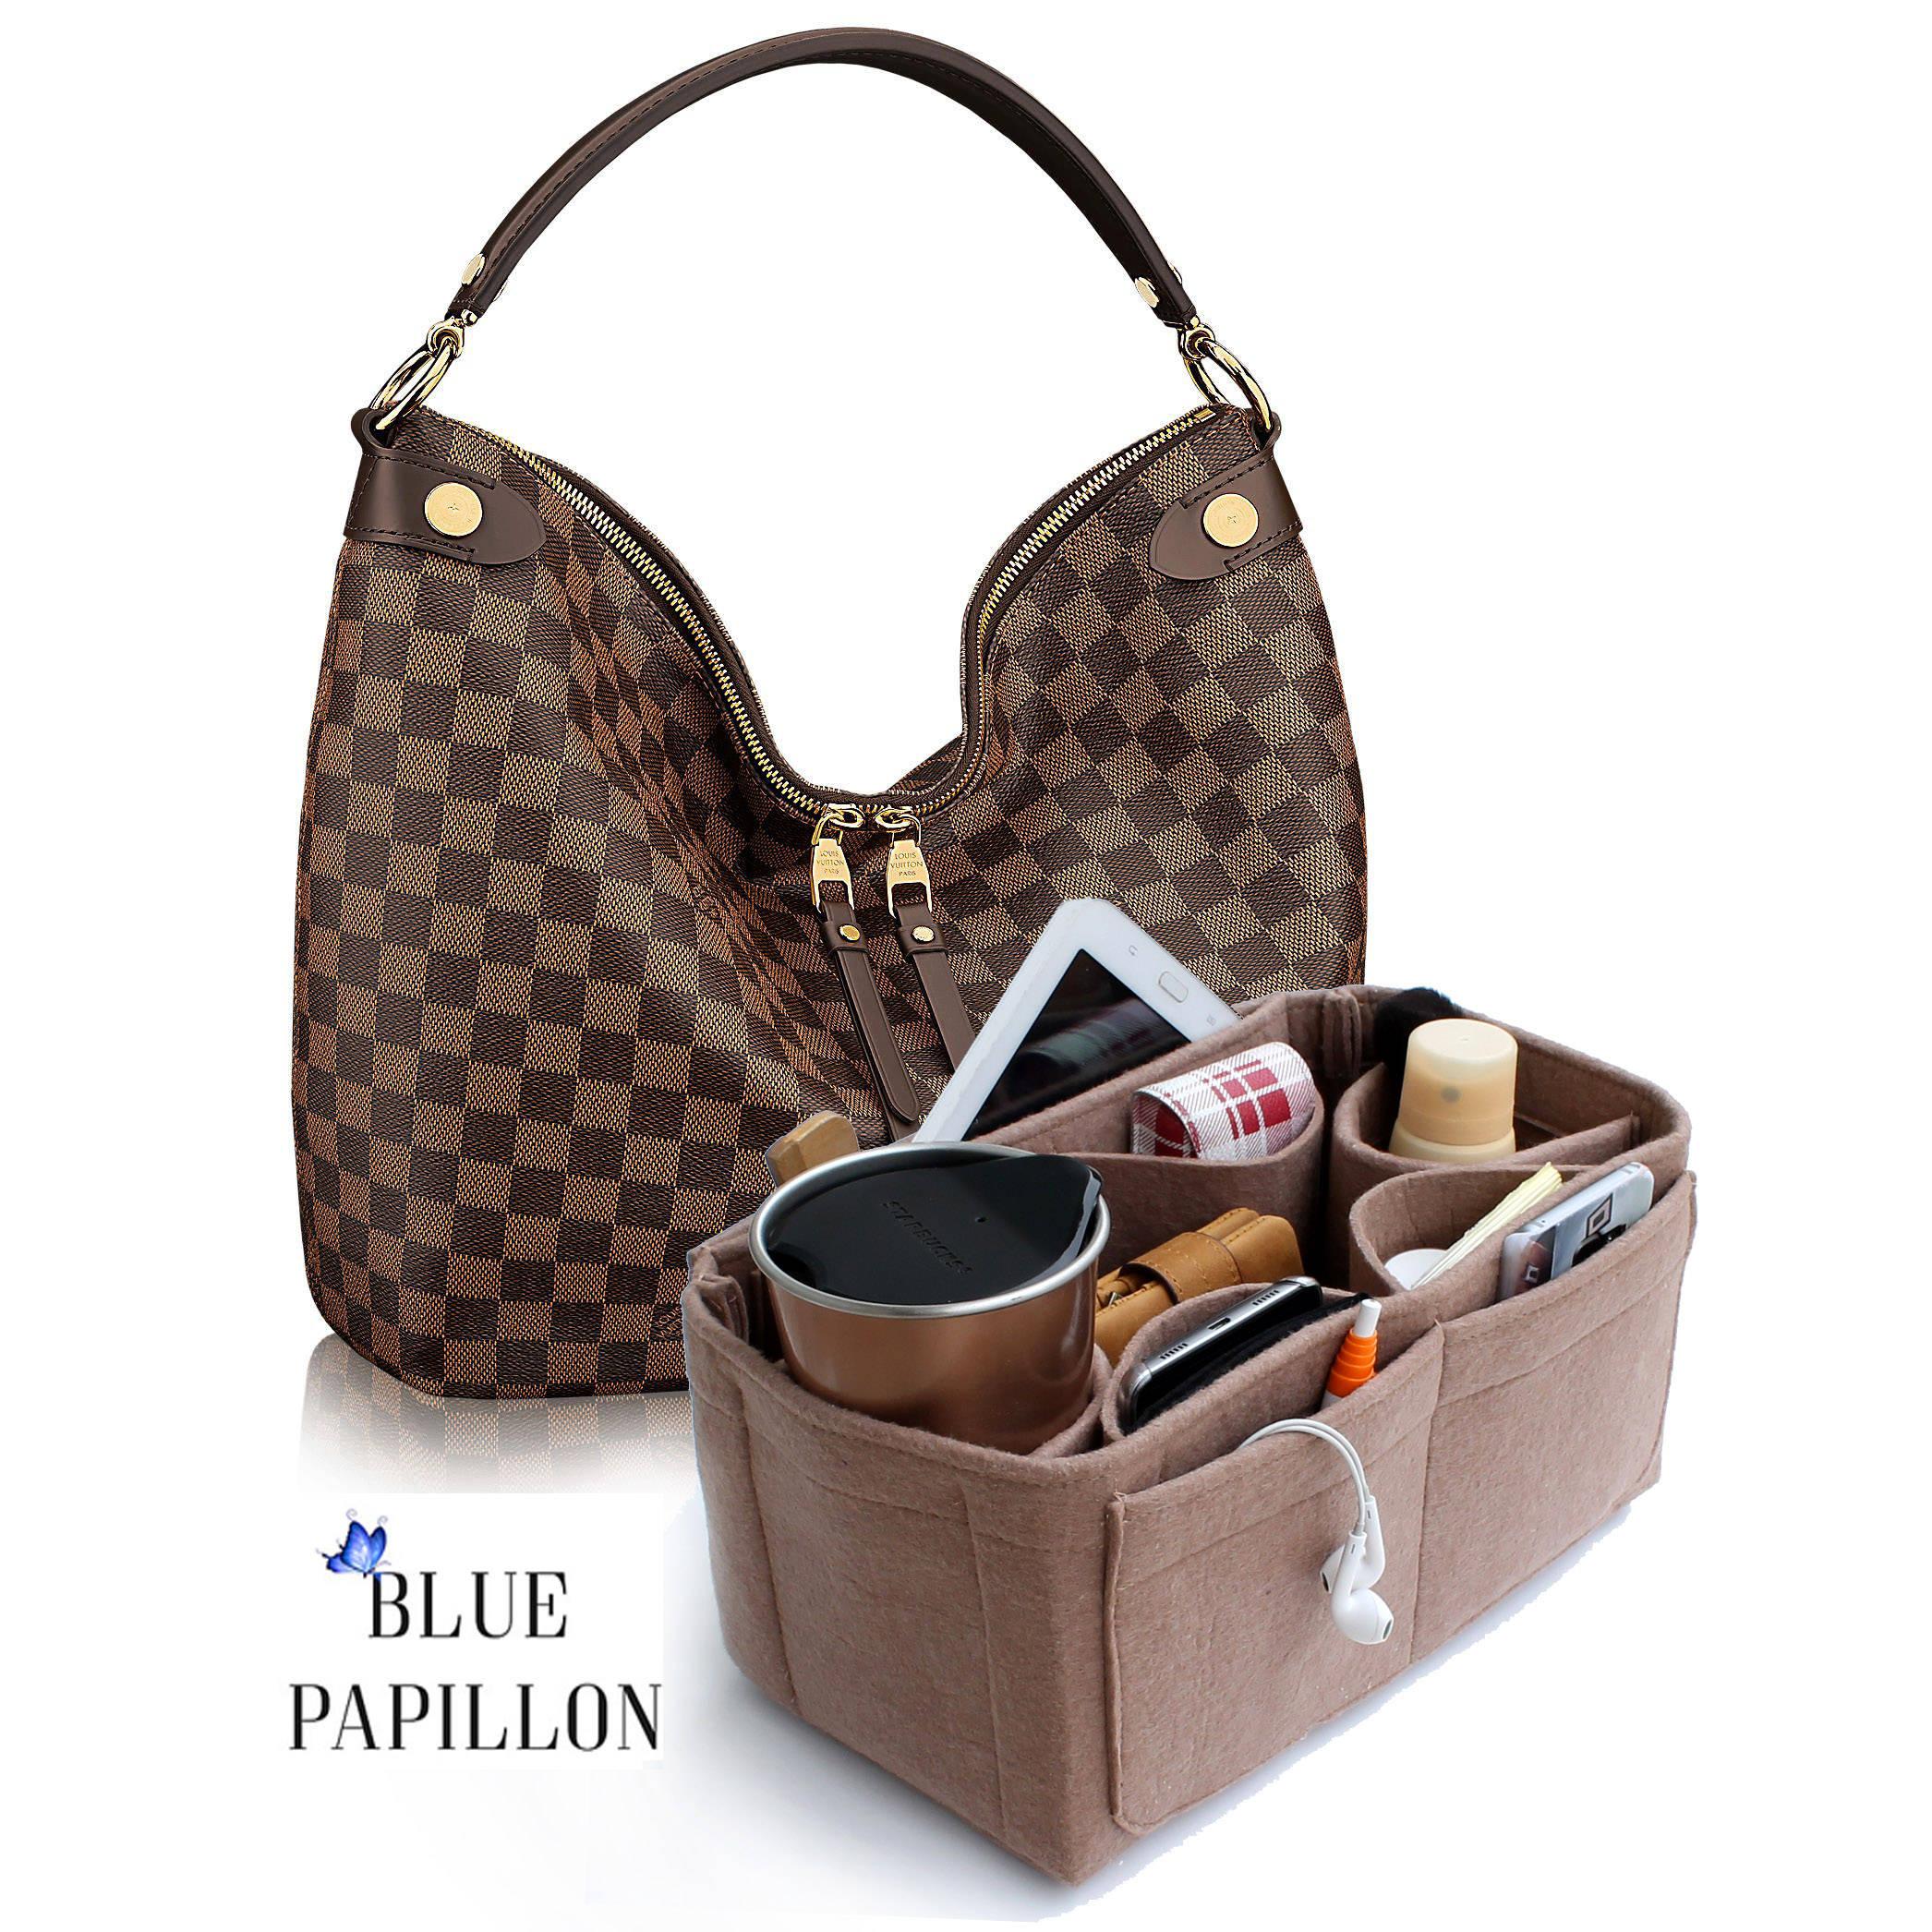 Duomo hobo handbag organizer louis vuitton duomo hobo bag | Etsy